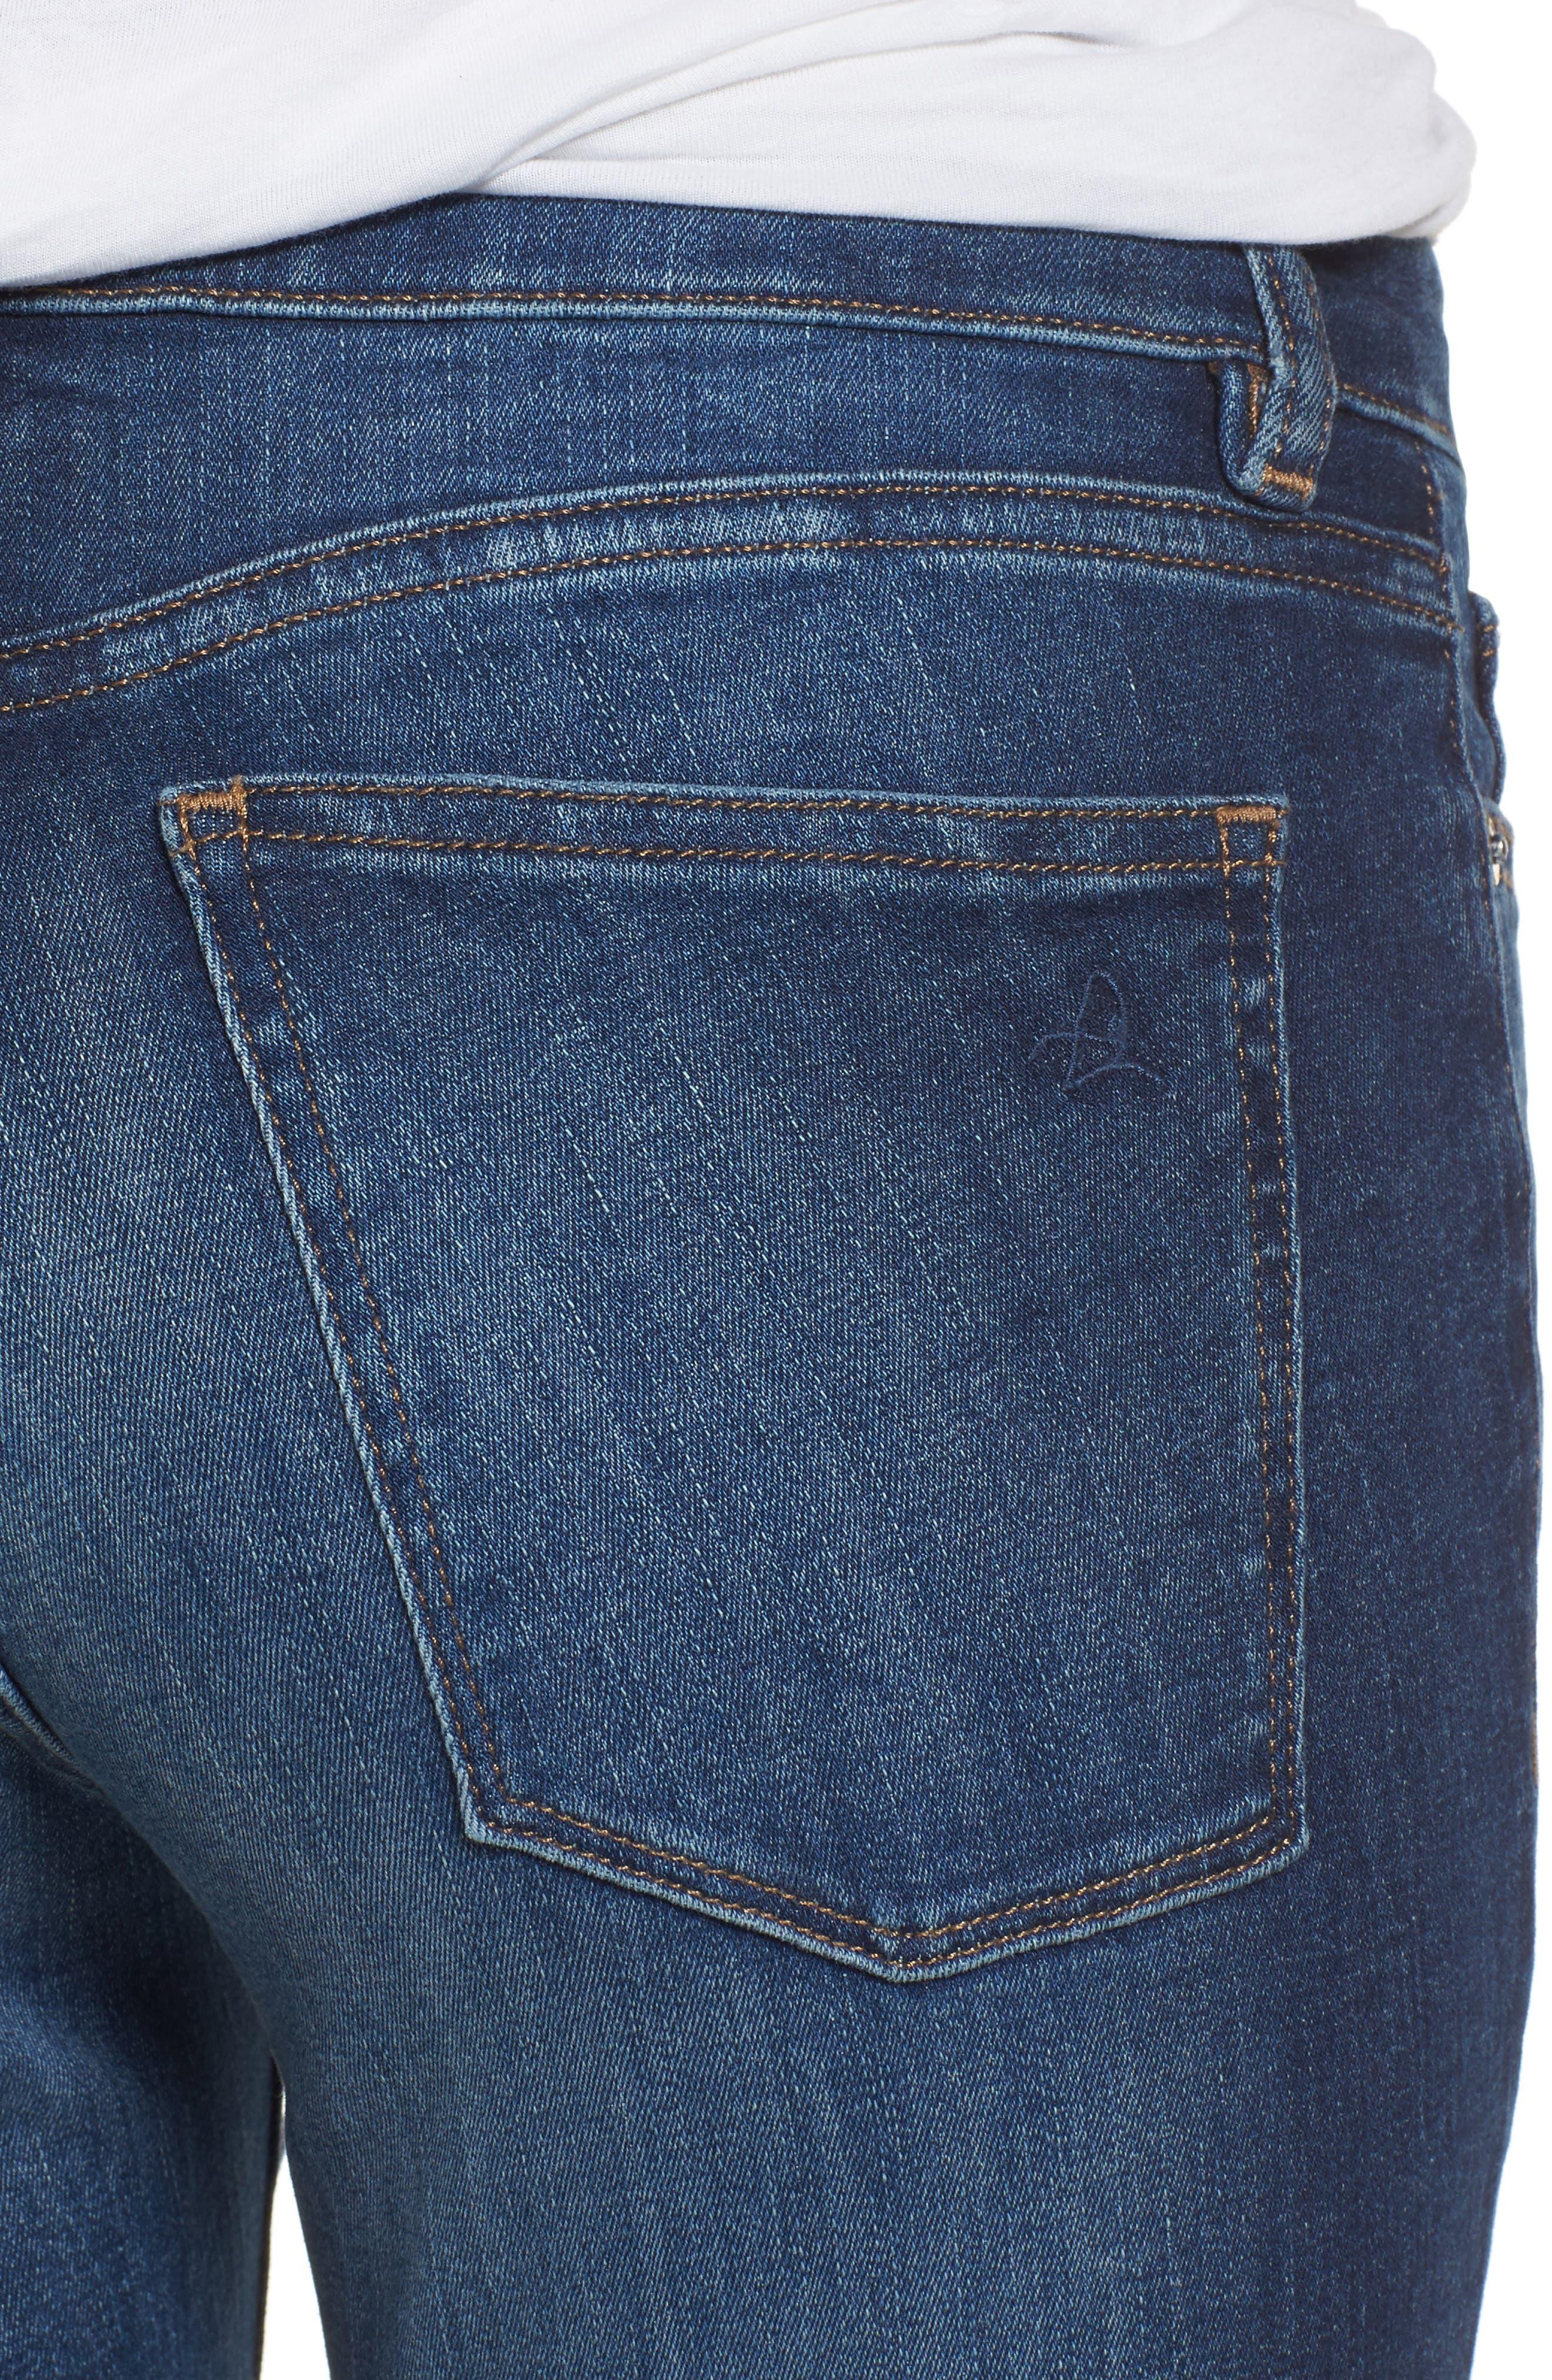 Bridget Instasculpt Bootcut Jeans,                             Alternate thumbnail 4, color,